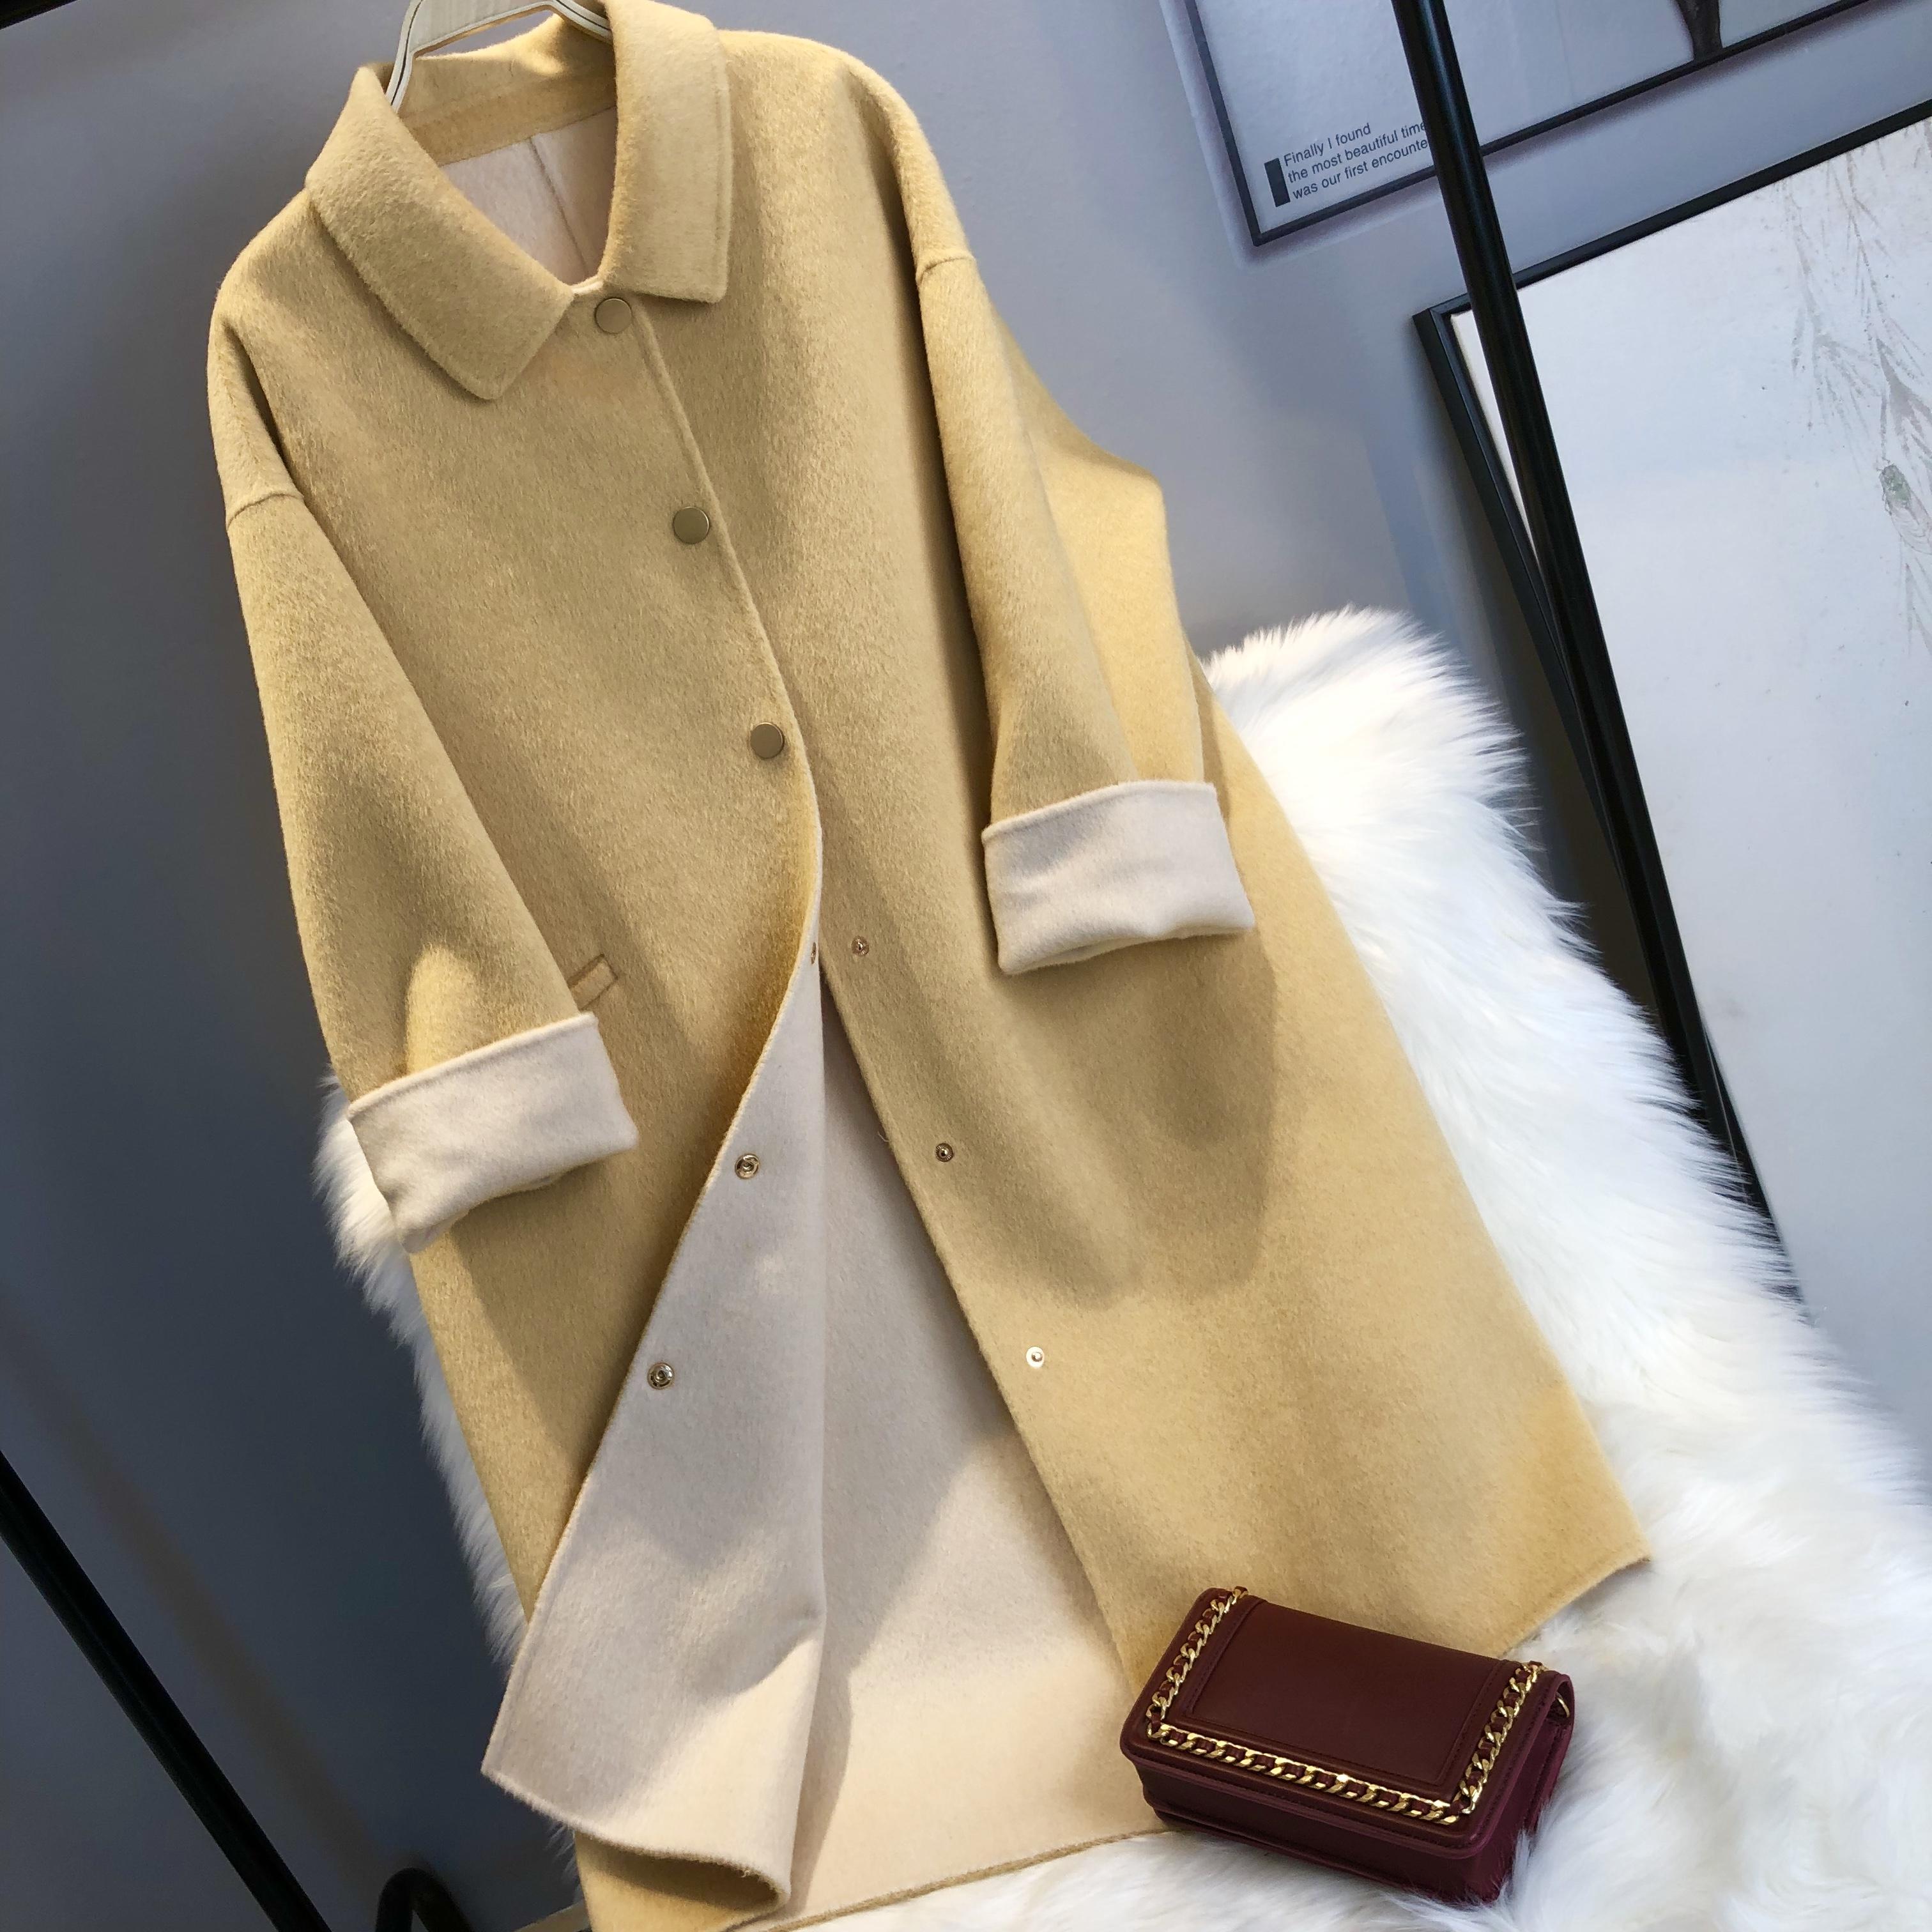 2019冬季新款双面羊绒大衣女 羊毛呢外套阿尔巴卡中长款娃娃领A型